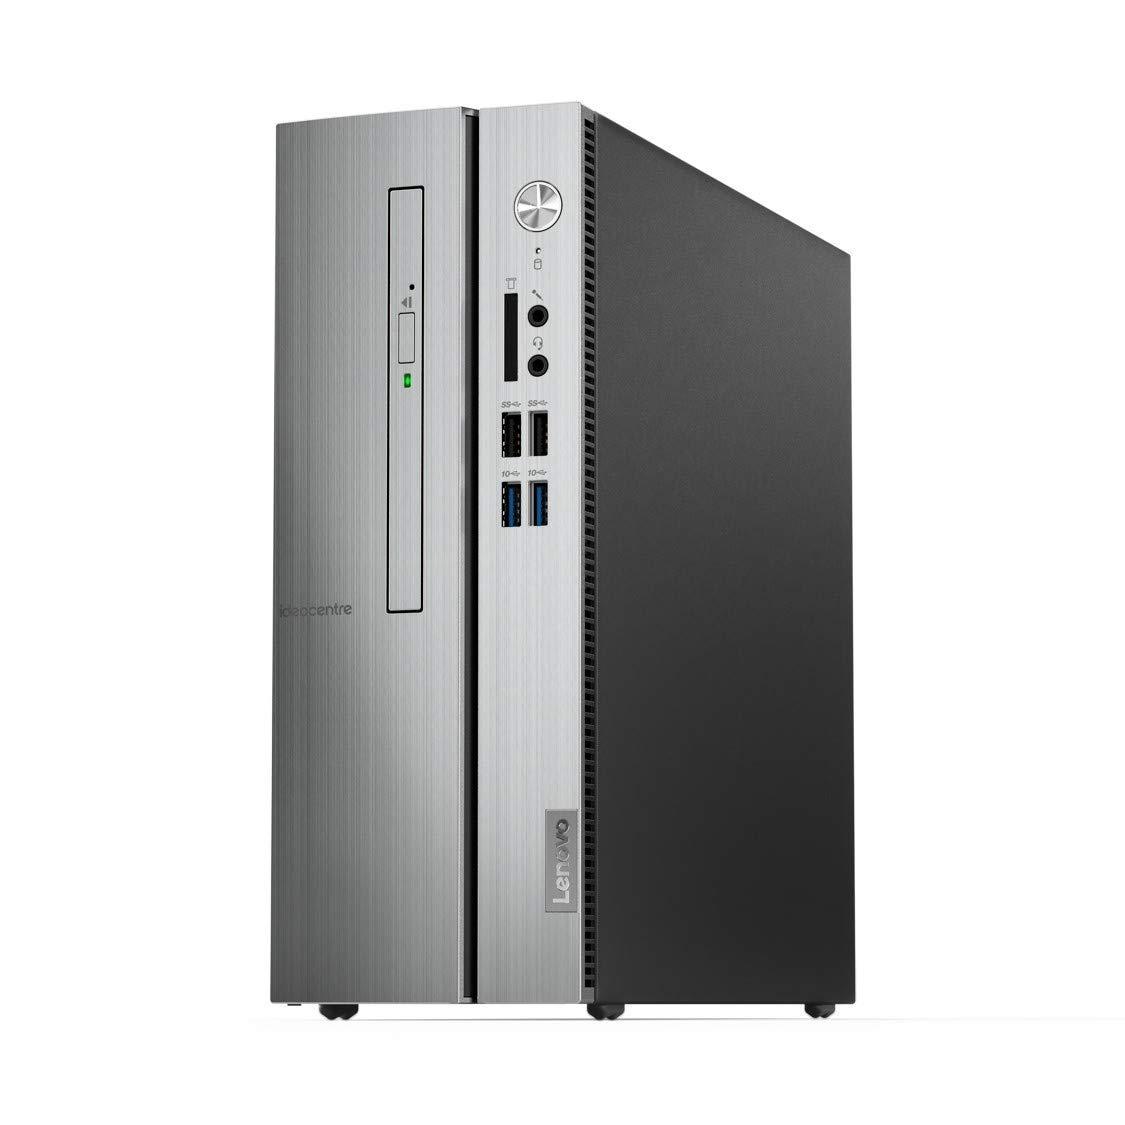 Lenovo 310S-08IGM 90HX003RIN Mini Tower PC Intel Pentium J5005 4 Cores 4GB DDR4 1TB DOS 18.5inch Monitor Silver